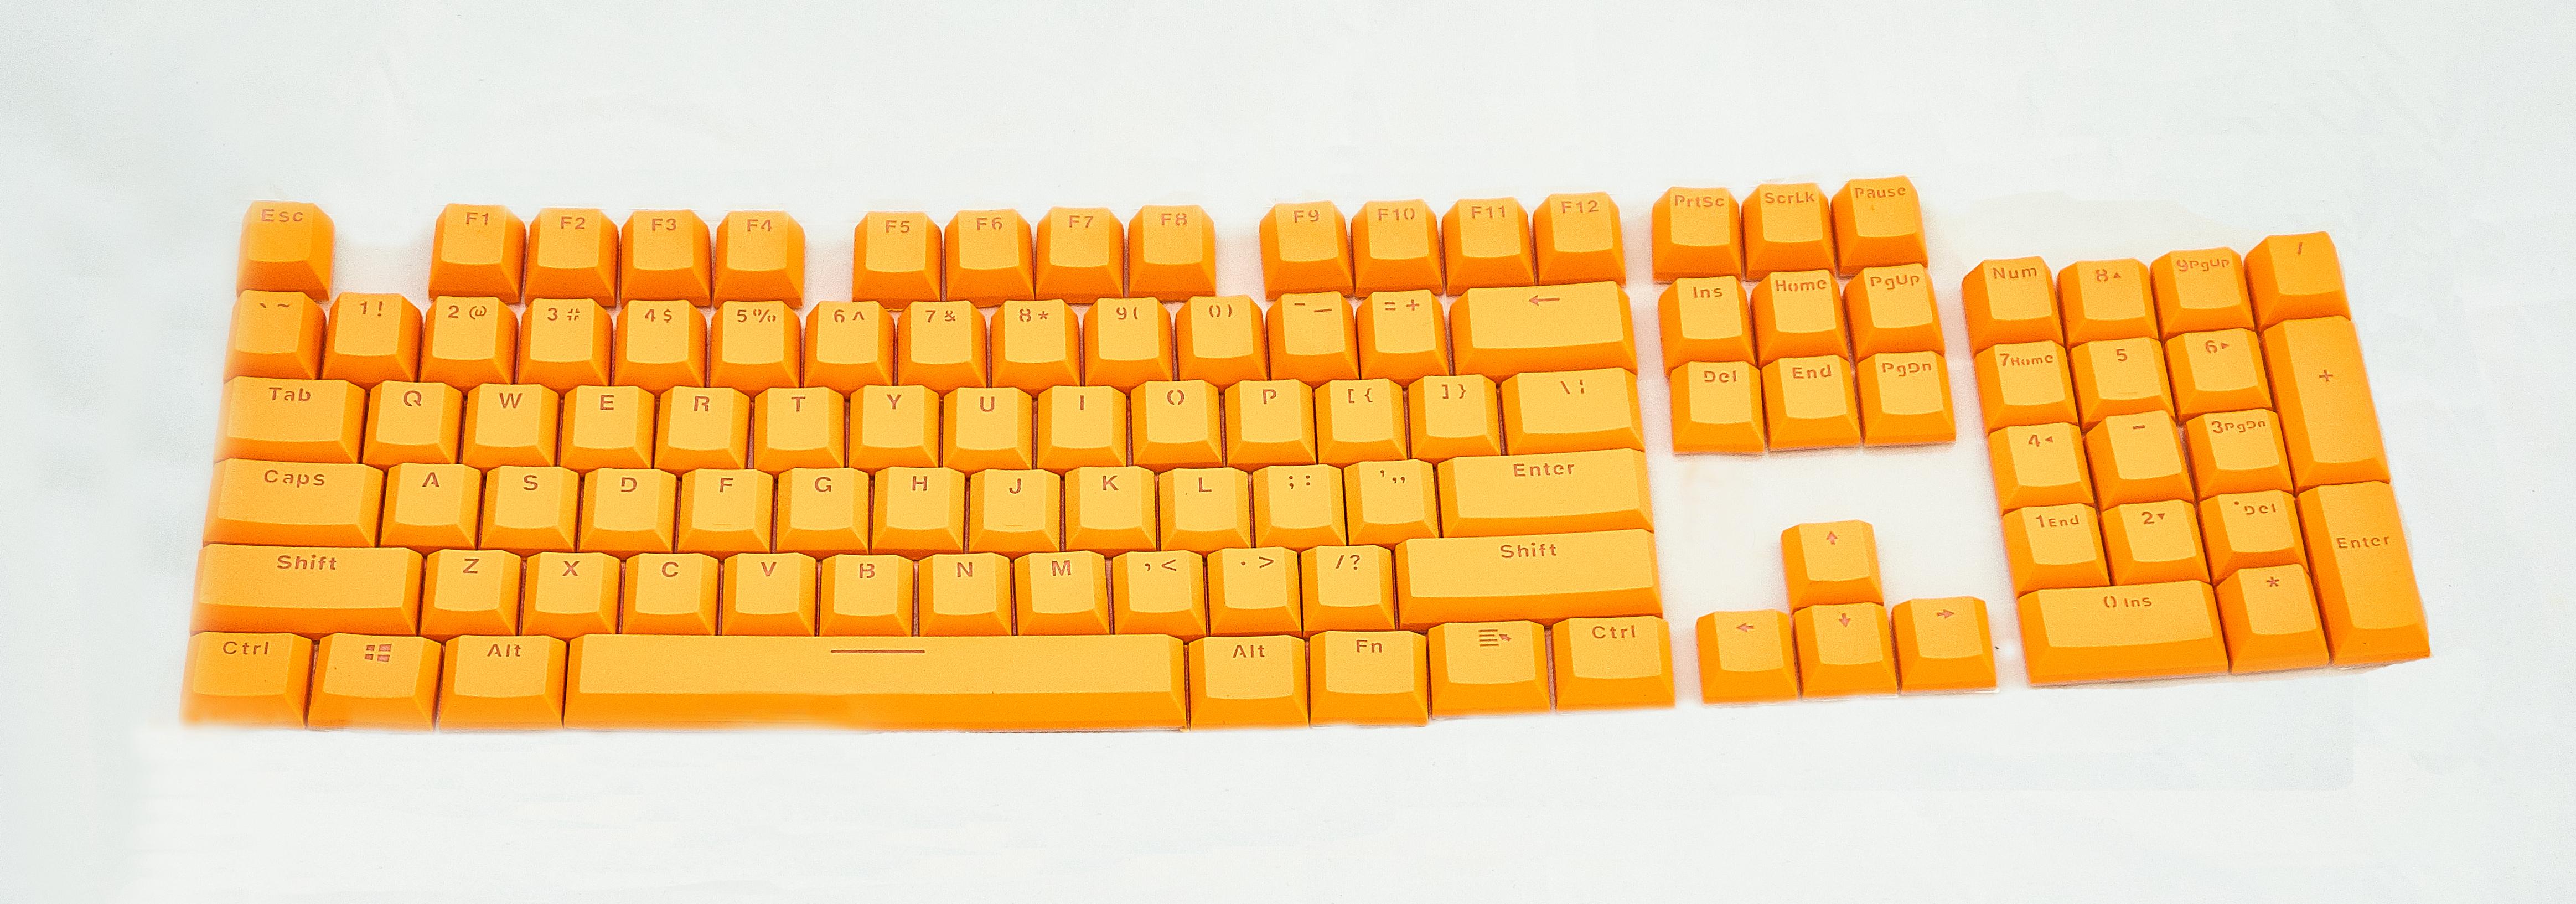 Keycap Amarelo Tecla para Teclado Mecânico